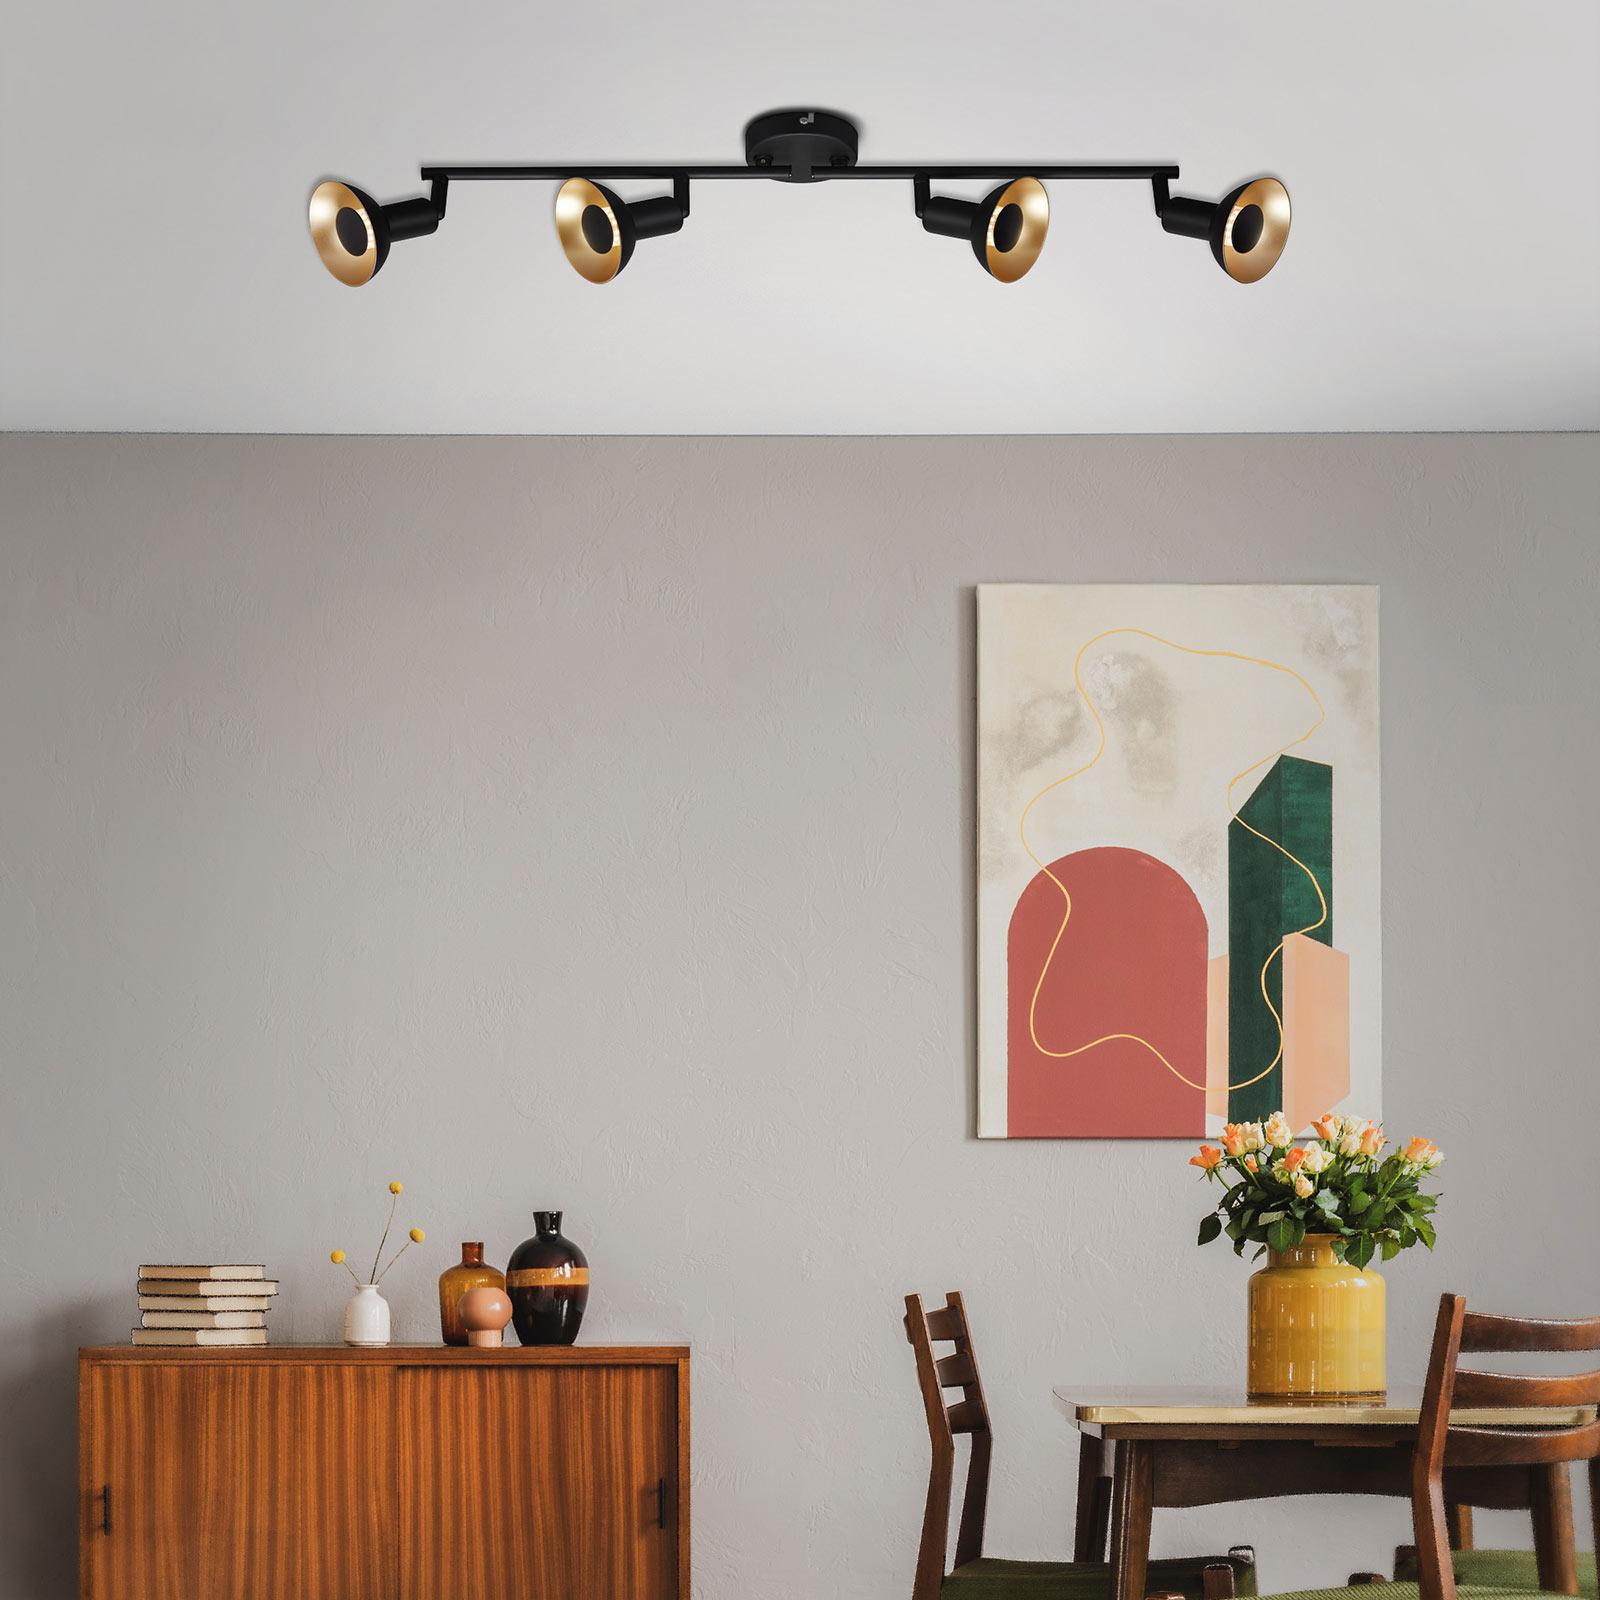 Lampa sufitowa LED Kukui, 4-punktowa